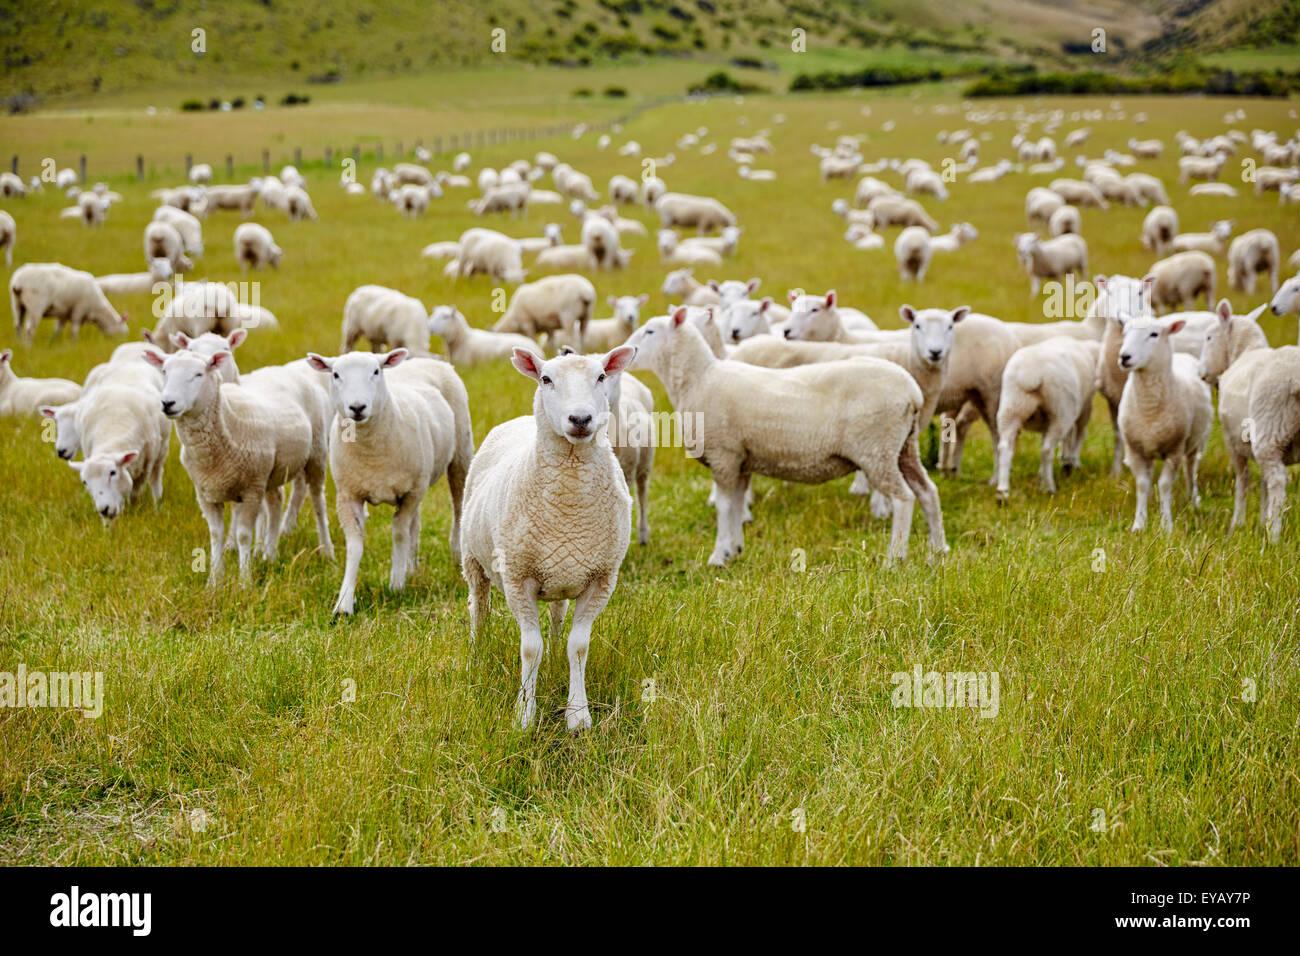 Granja de ovejas, Nueva Zelanda Imagen De Stock